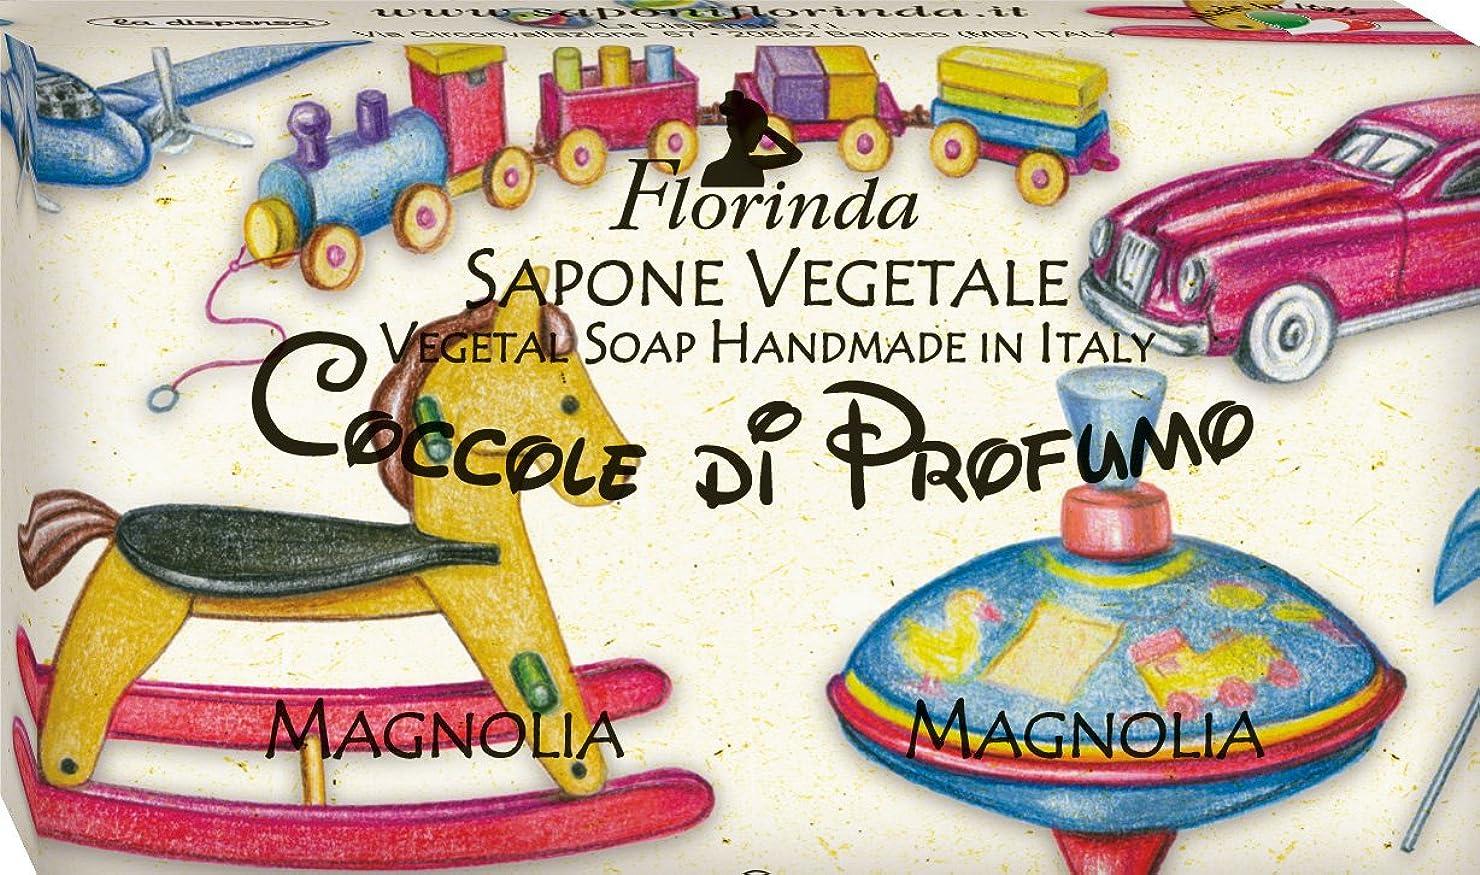 ルートノイズベーシックフロリンダ フレグランスソープ おもちゃシリーズ マグノリア